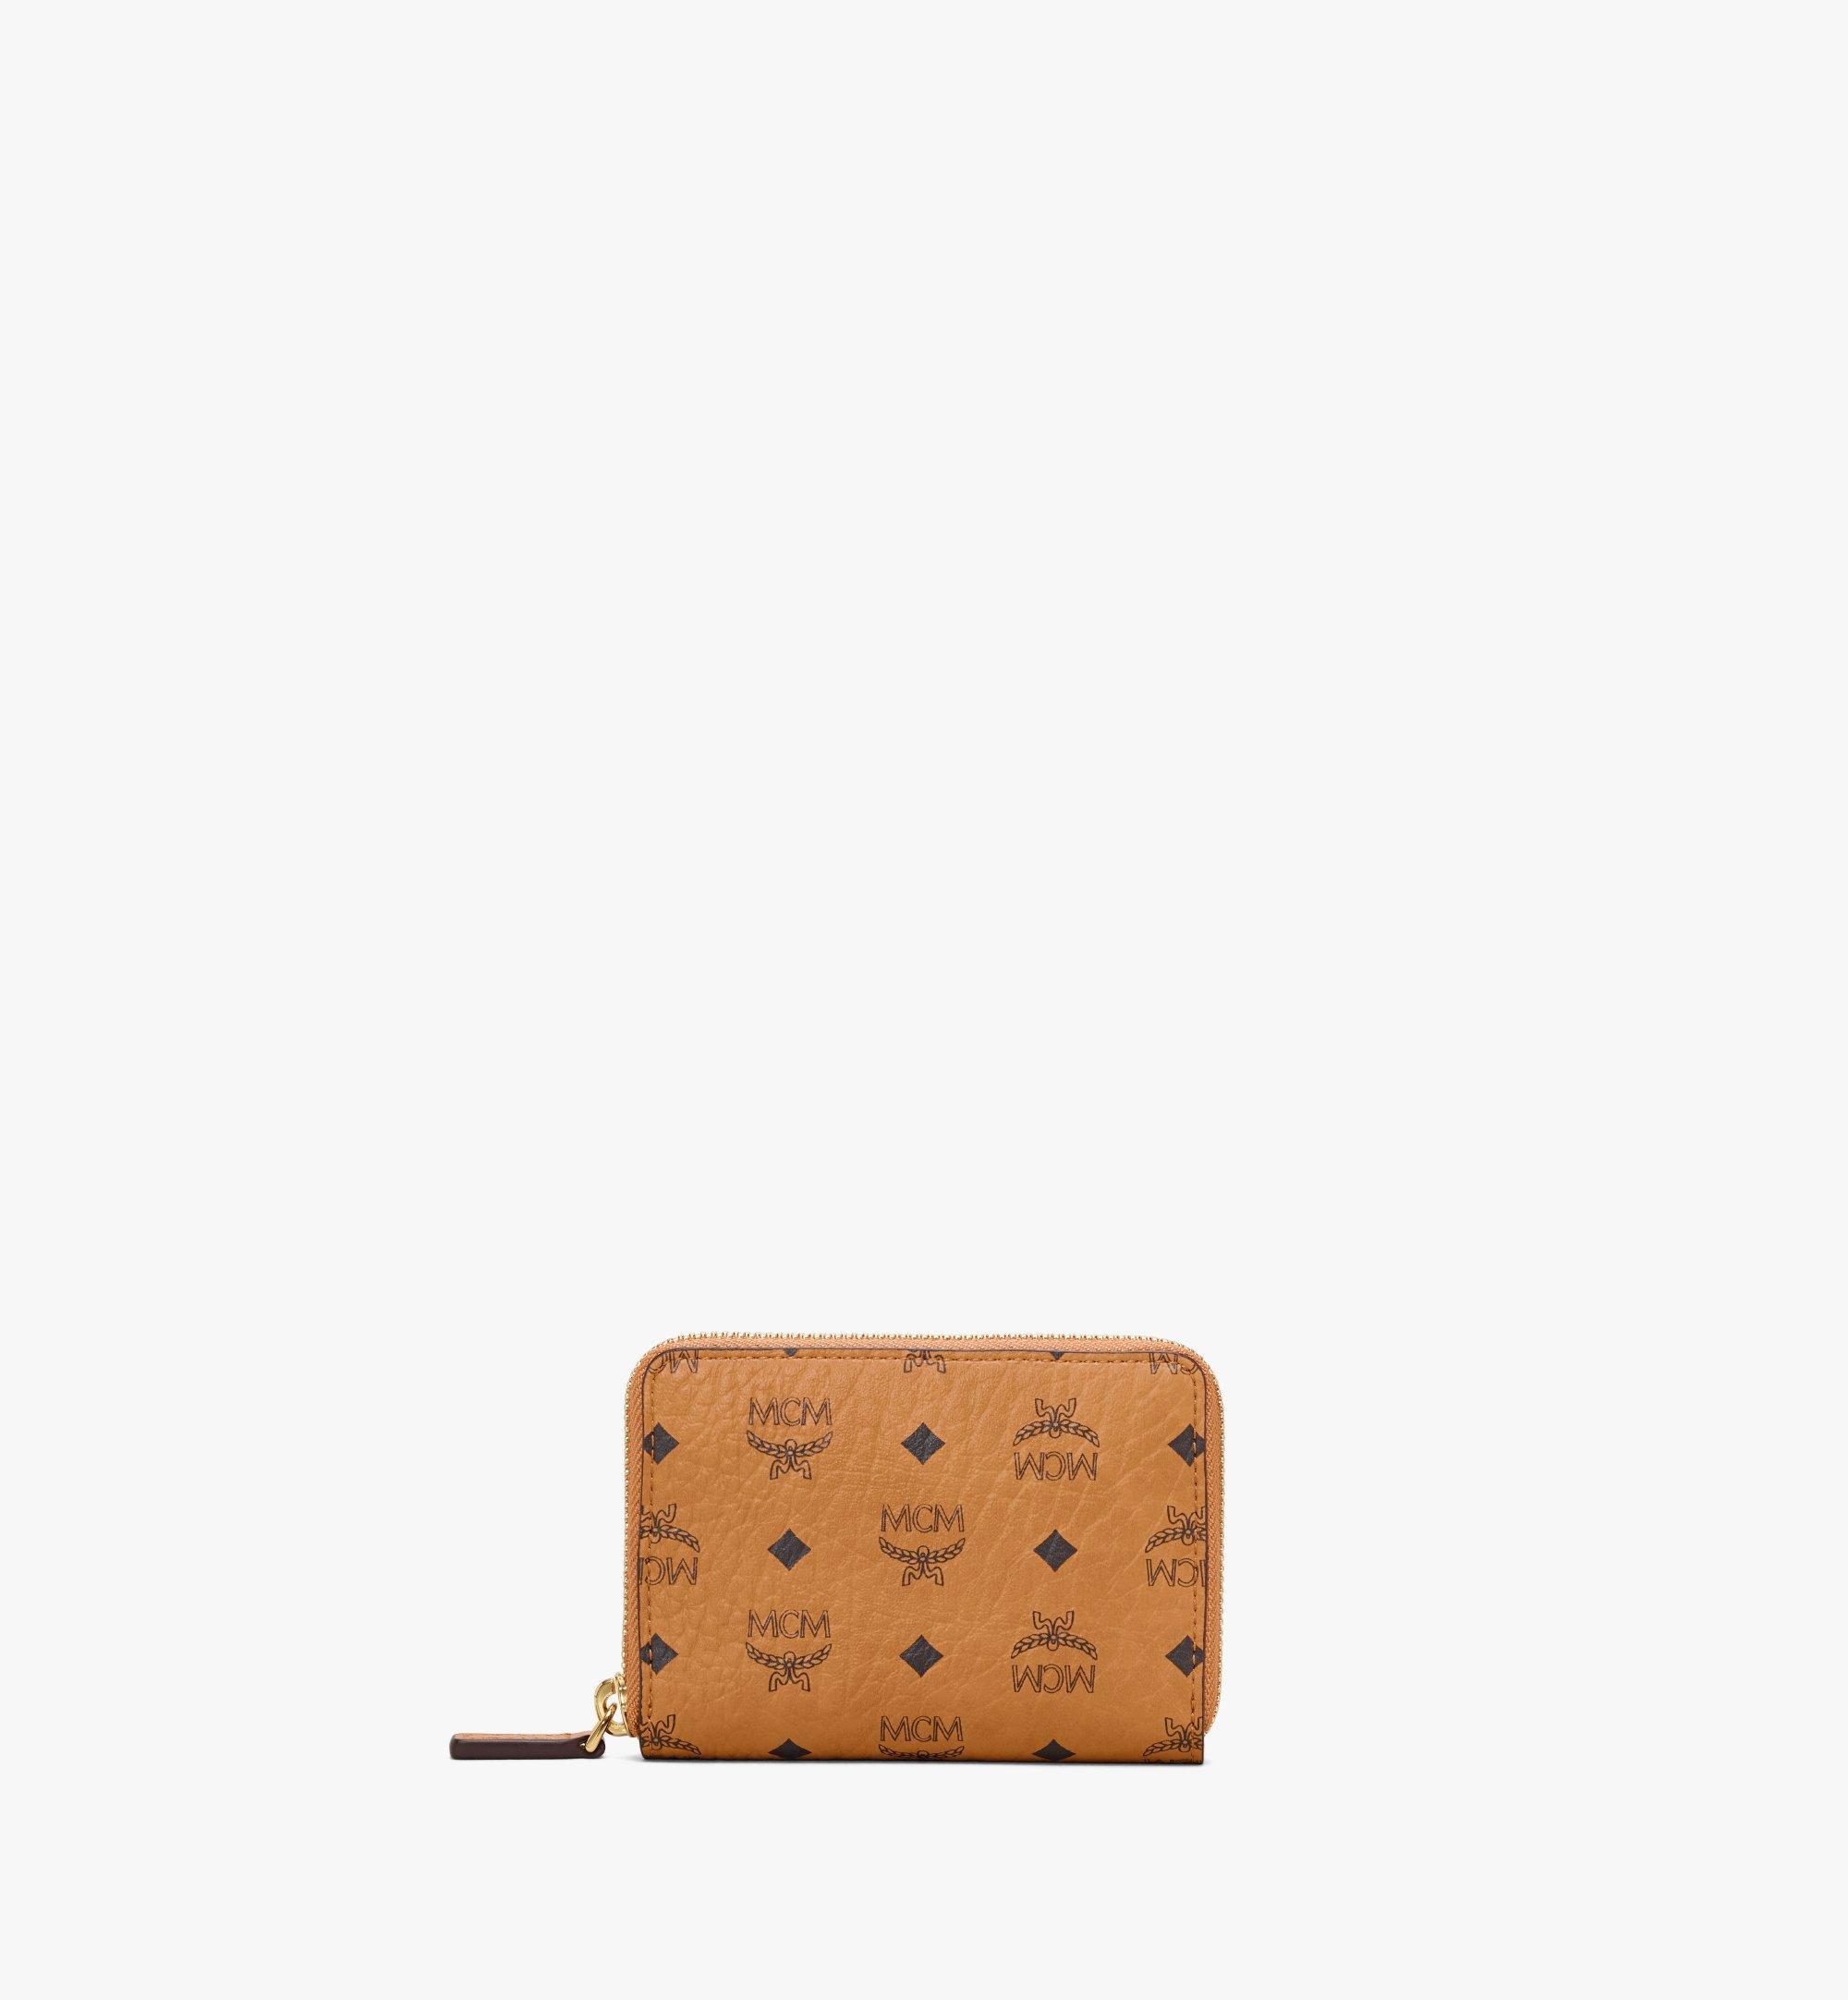 MCM Zip Wallet in Visetos Original Cognac MYLAAVI03CO001 Alternate View 1